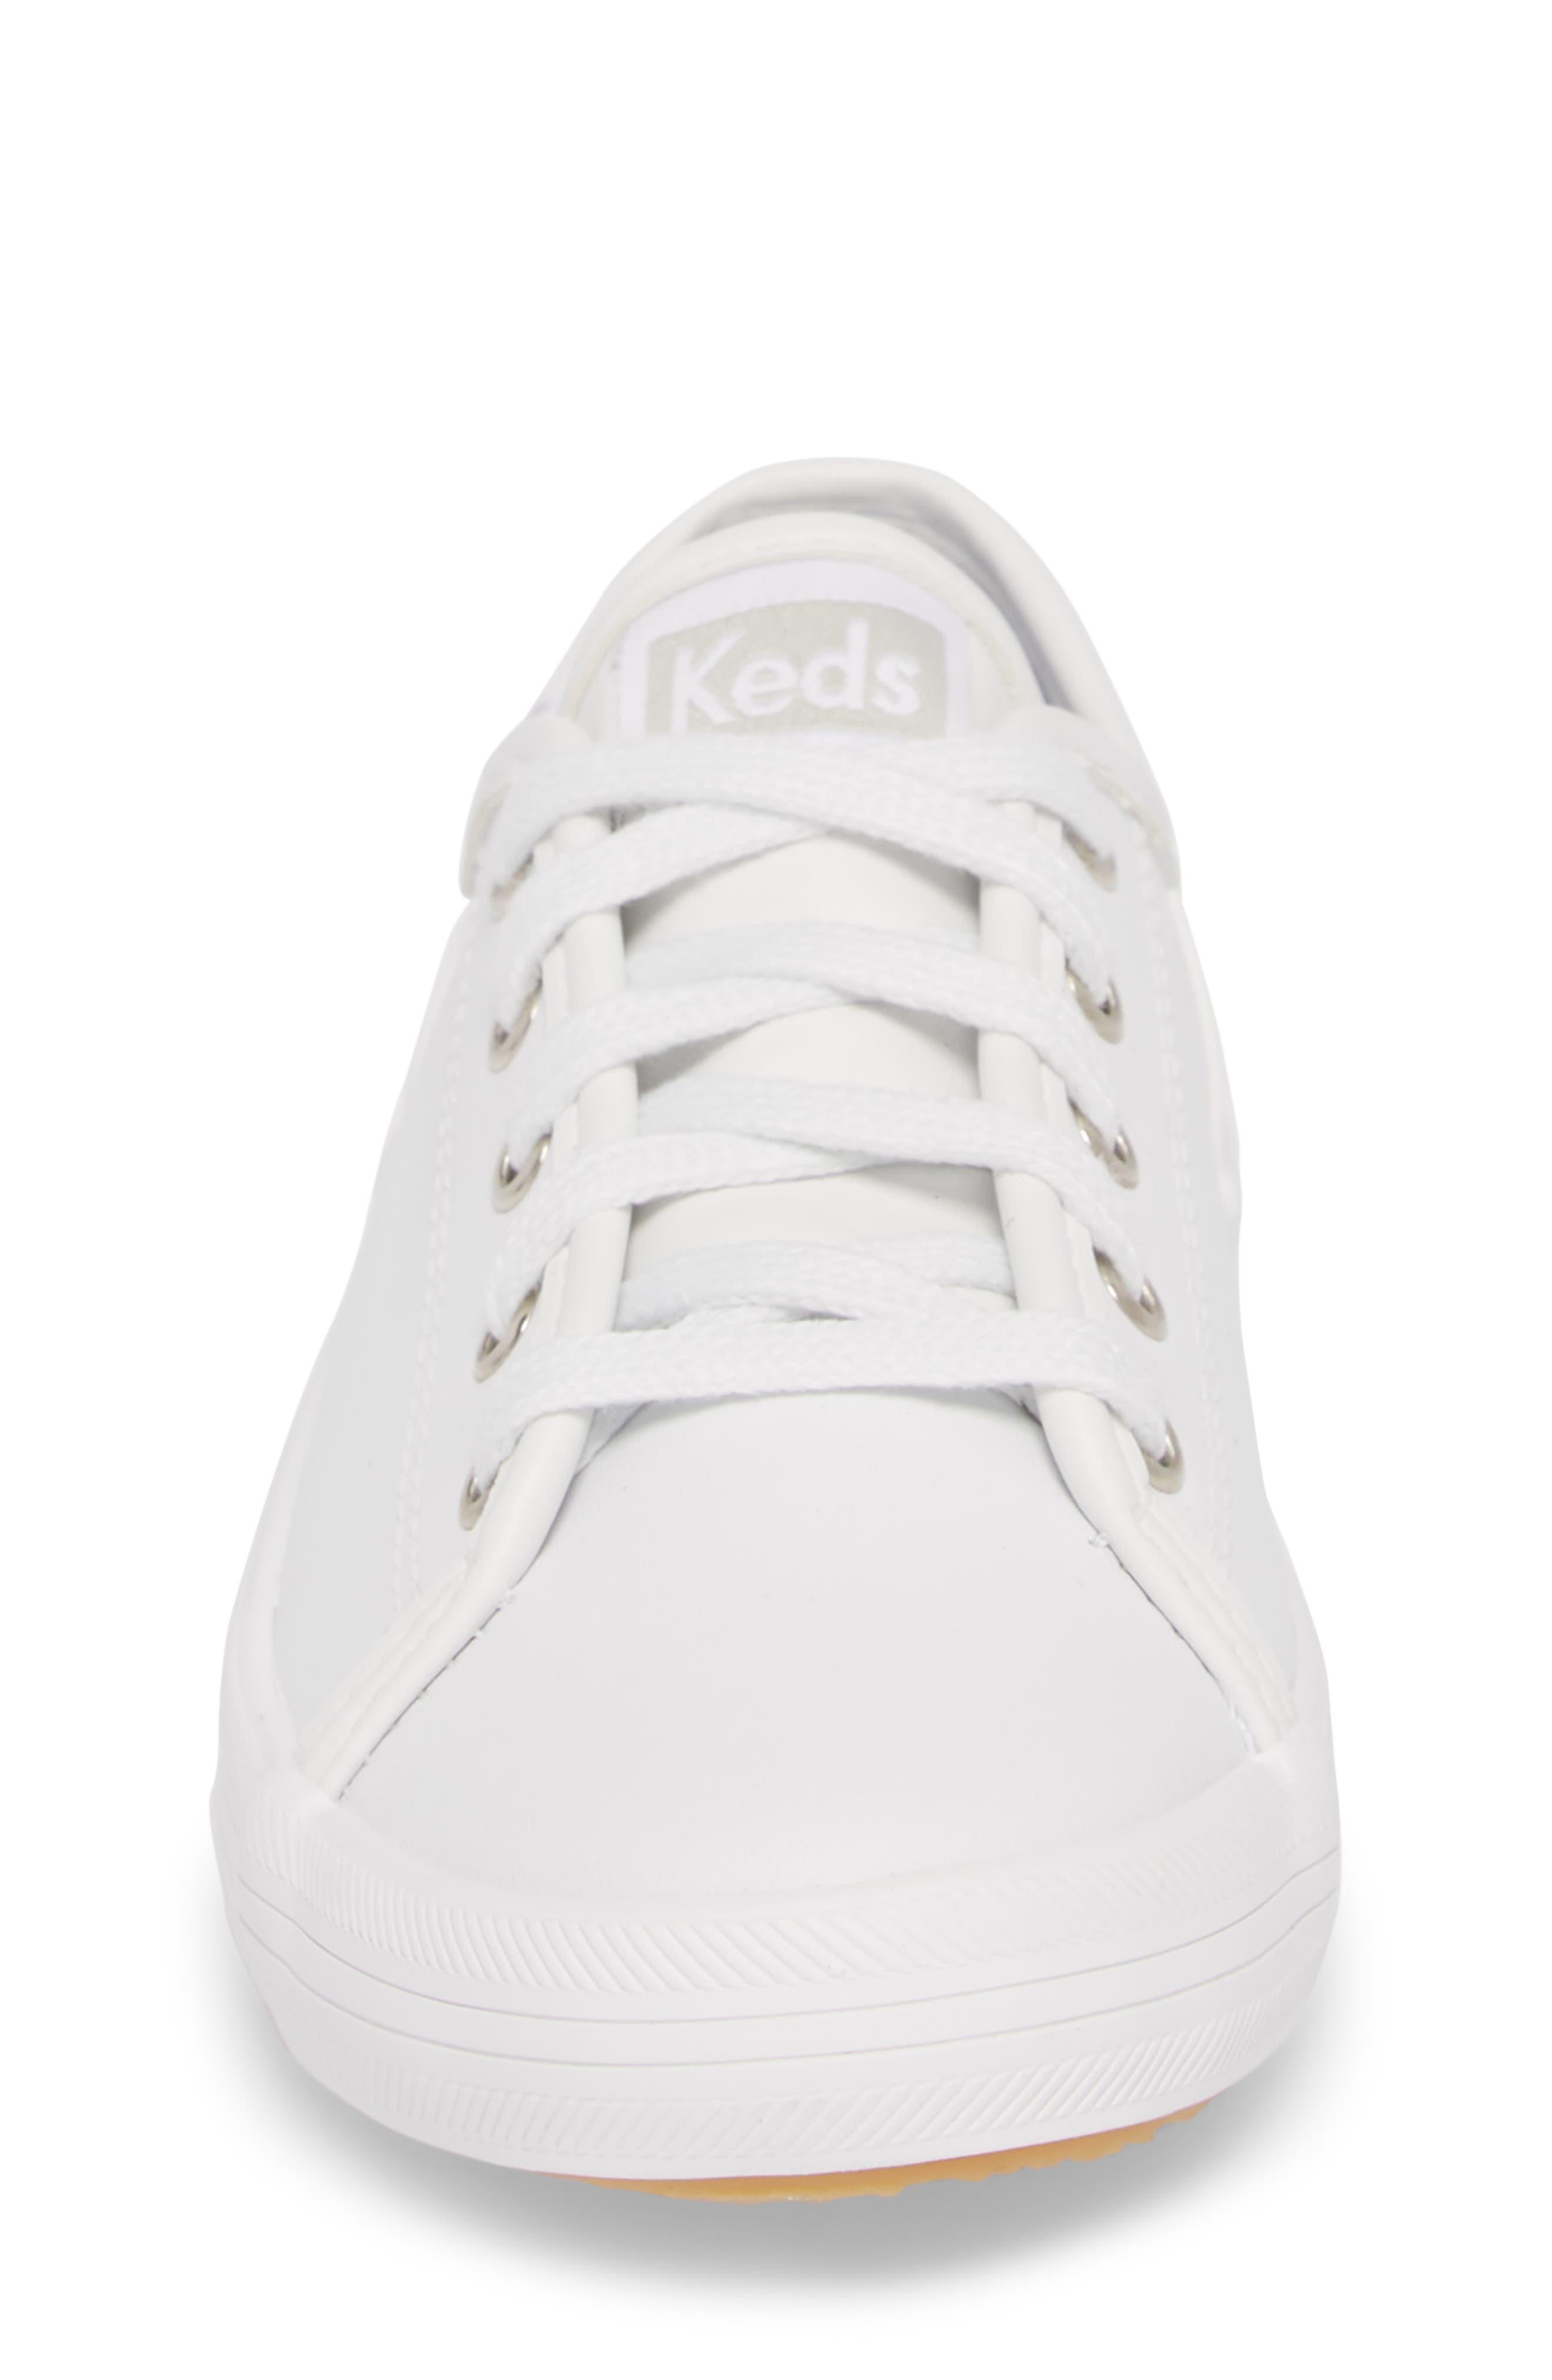 Kickstart Sneaker,                             Alternate thumbnail 4, color,                             WHITE